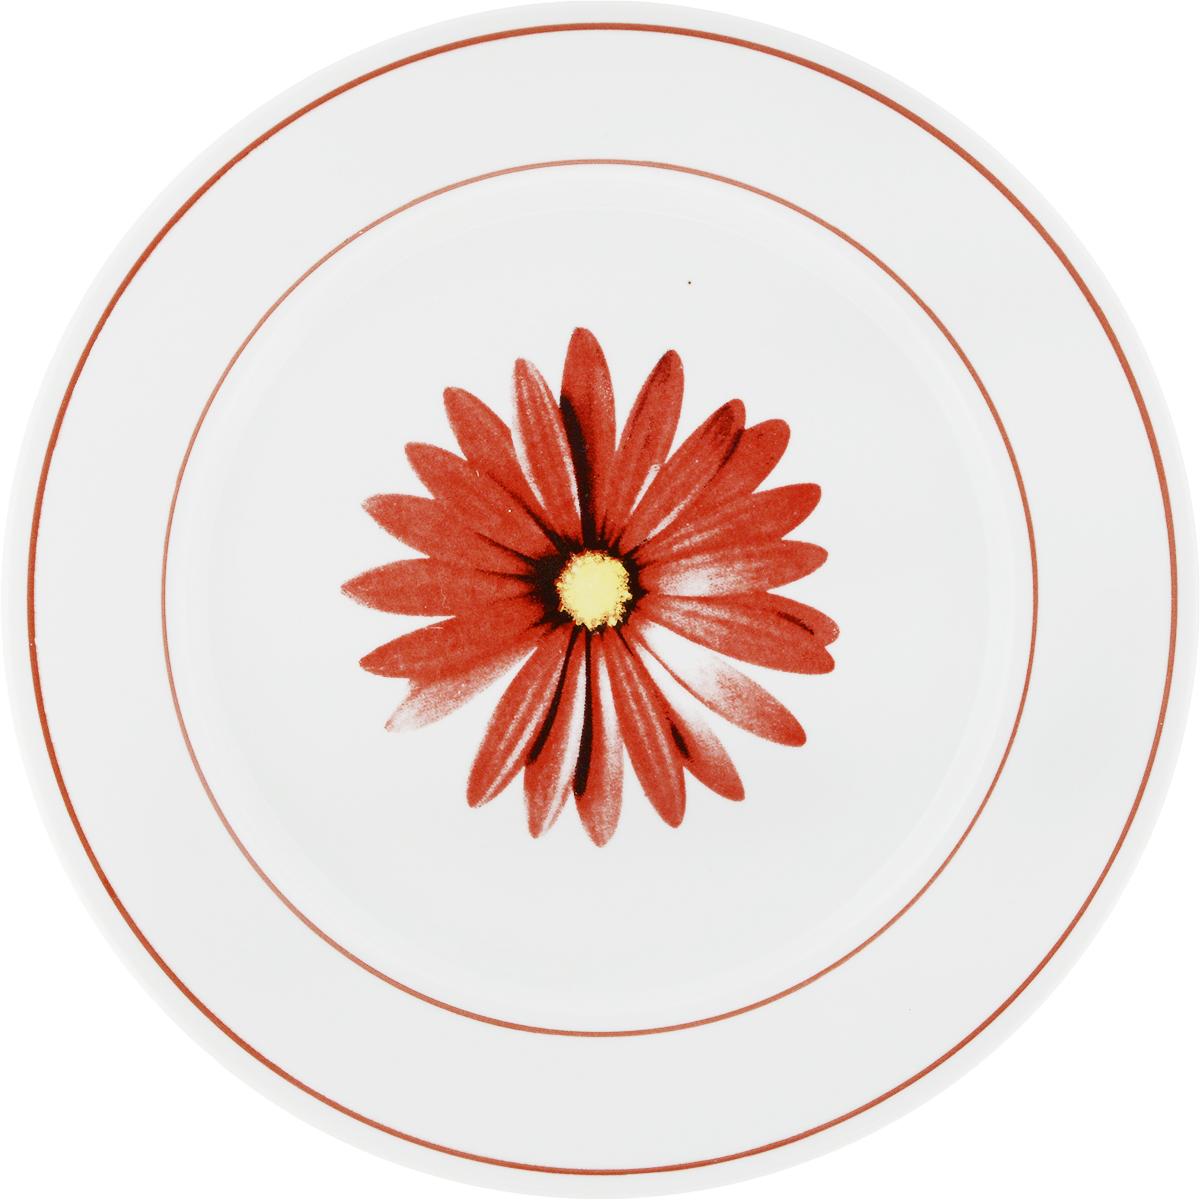 Тарелка Фарфор Вербилок Астра, цвет: красный, белый, диаметр 24 см16590680_красный, белыйТарелка Фарфор Вербилок Астра, изготовленная из высококачественного фарфора, имеет классическую круглую форму. Она прекрасно впишется в интерьер вашей кухни и станет достойным дополнением к кухонному инвентарю. Тарелка Фарфор Вербилок Астра подчеркнет прекрасный вкус хозяйки и станет отличным подарком.Диаметр тарелки (по верхнему краю): 24 см.